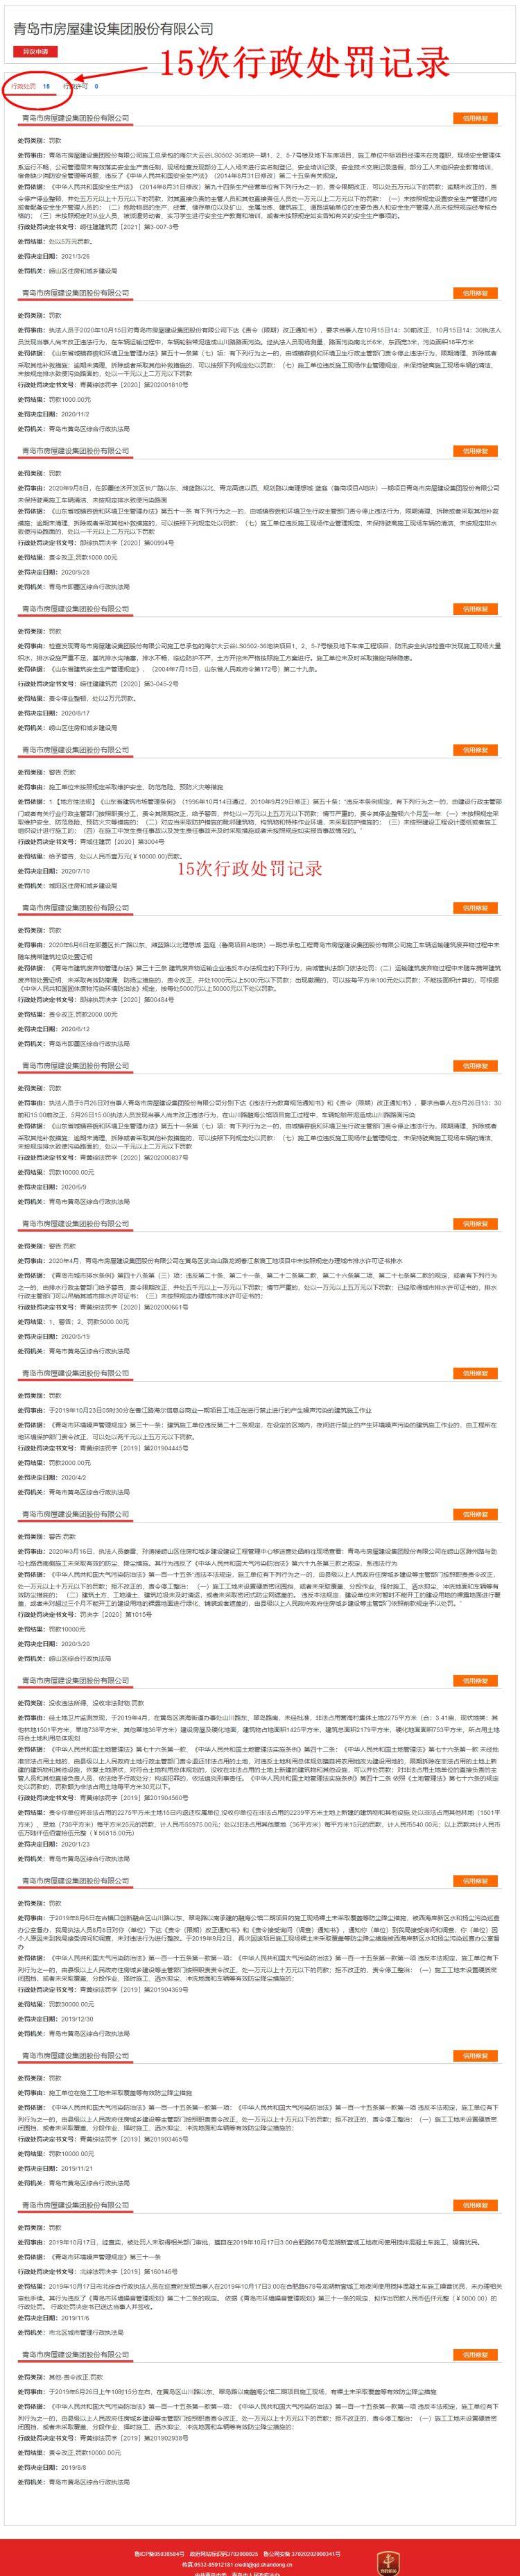 330青岛快讯补3.jpg